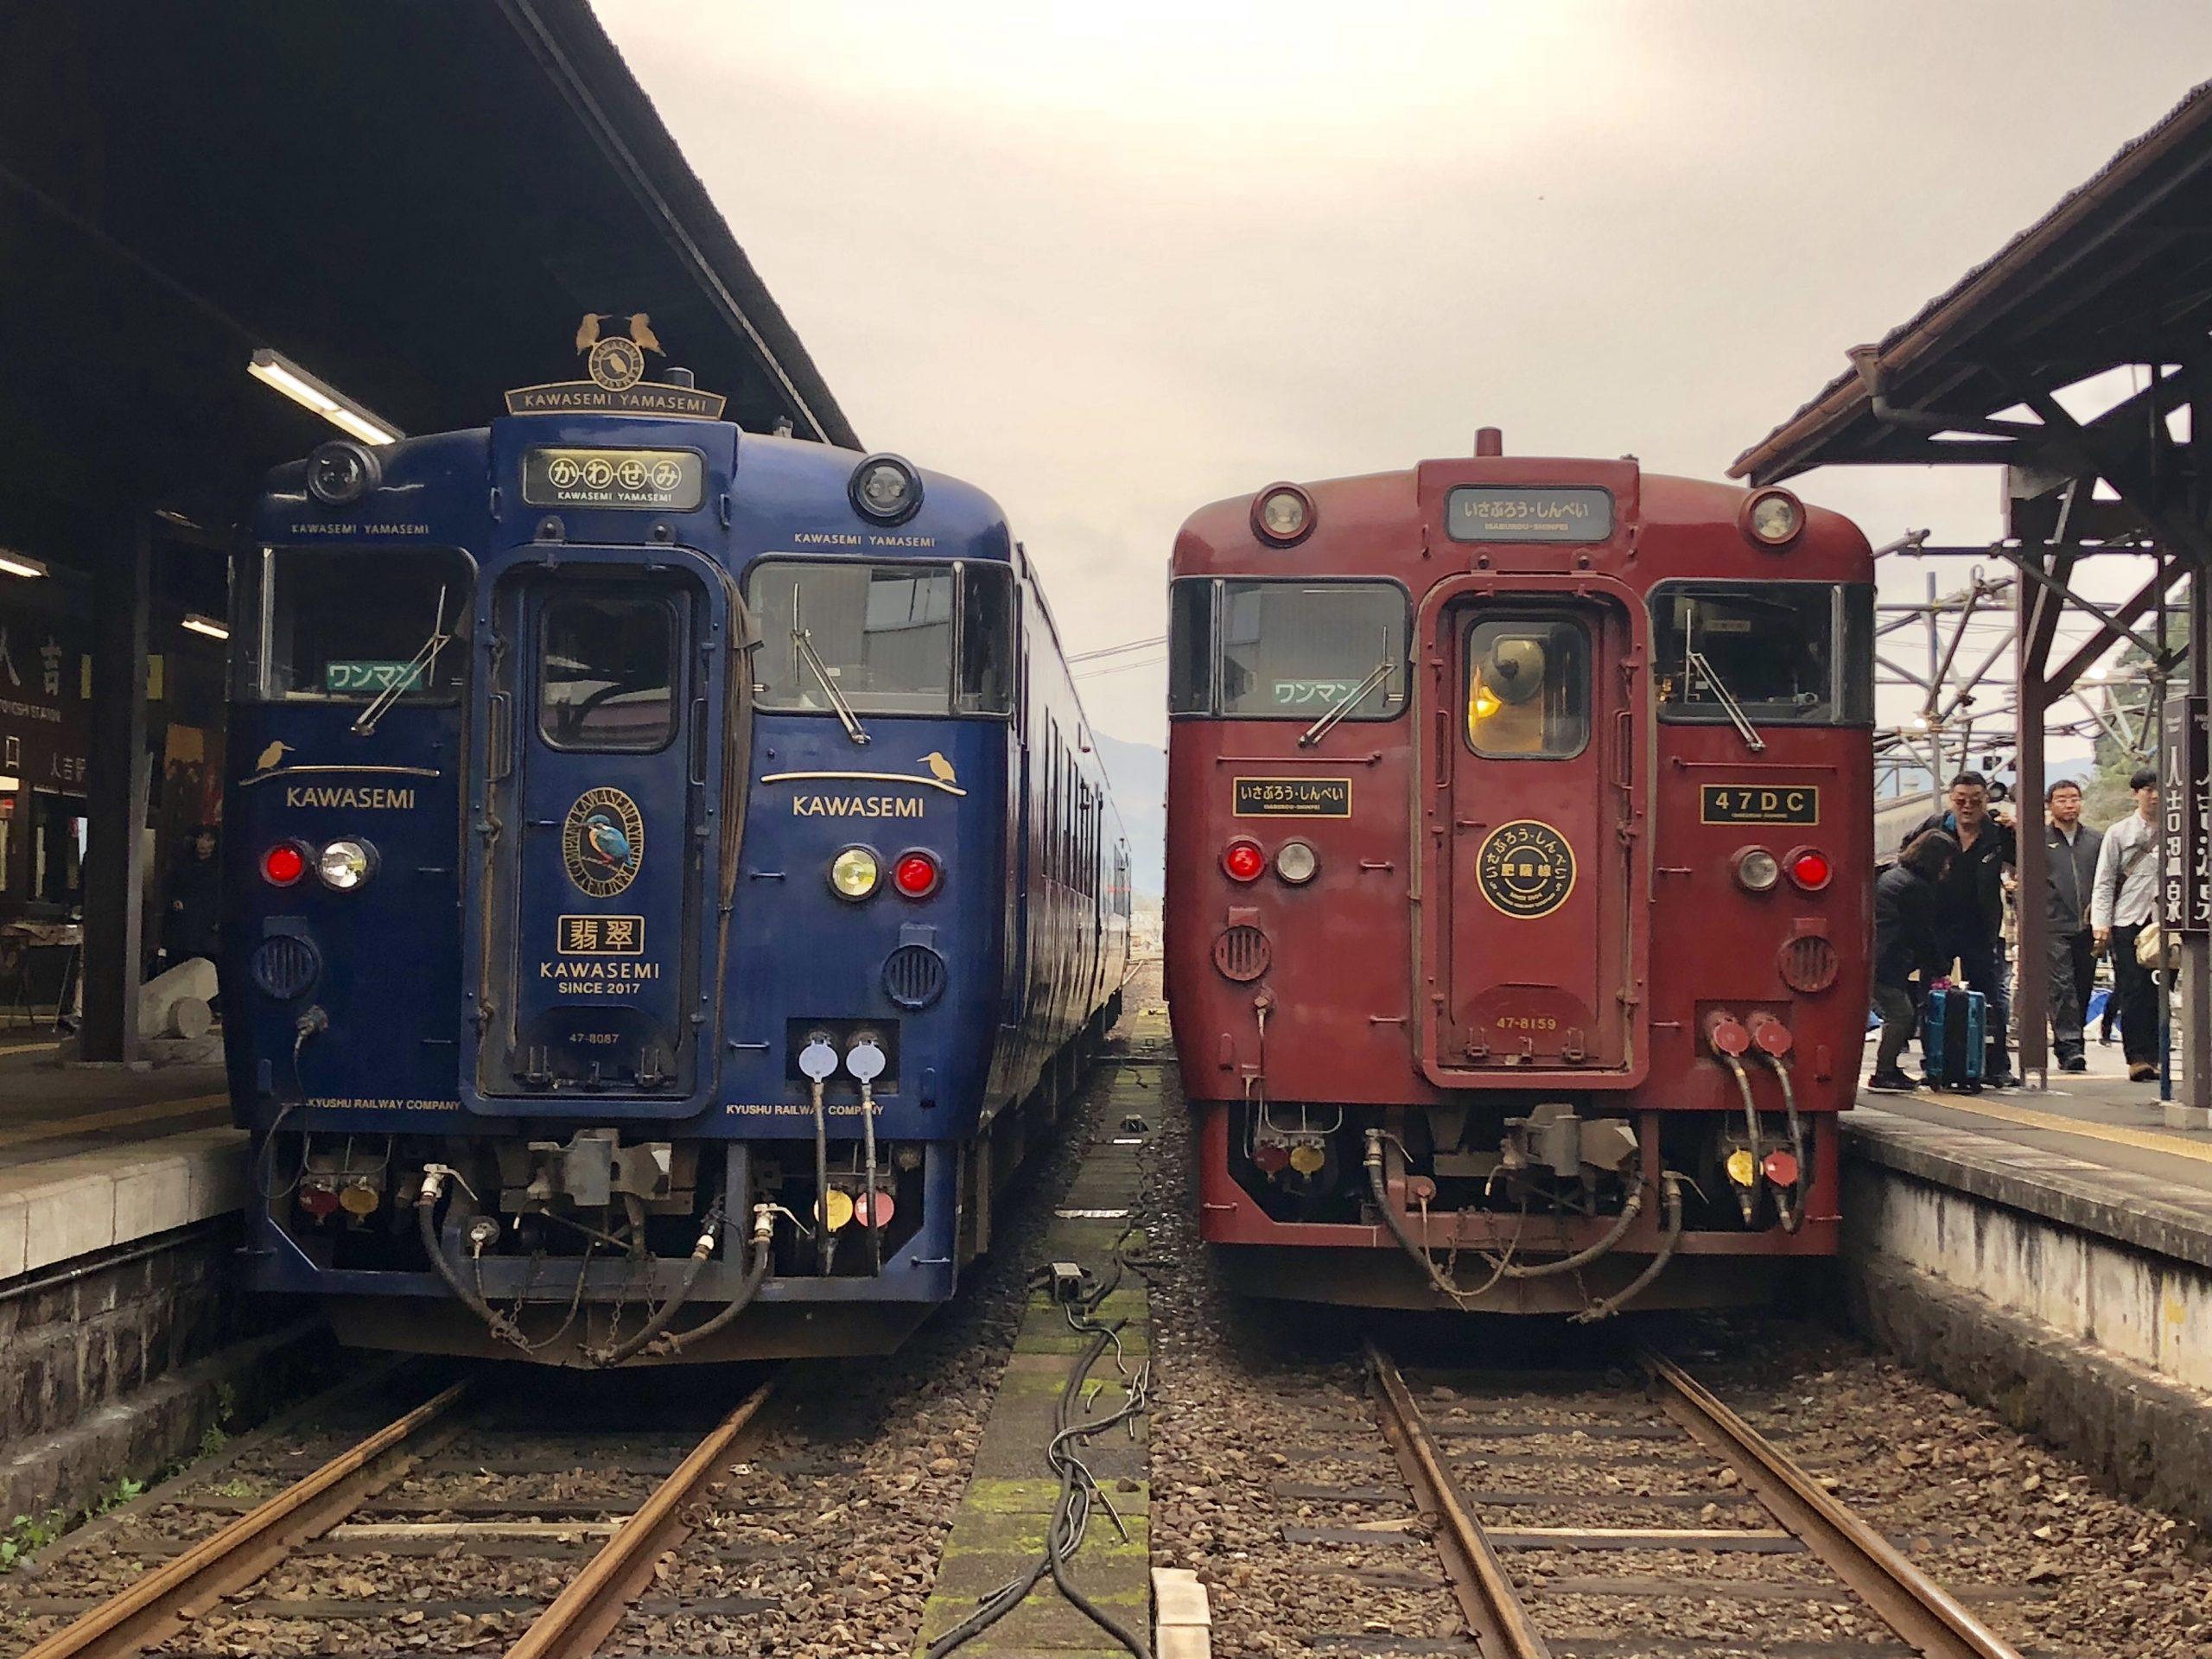 2台の観光列車を正面から見た様子